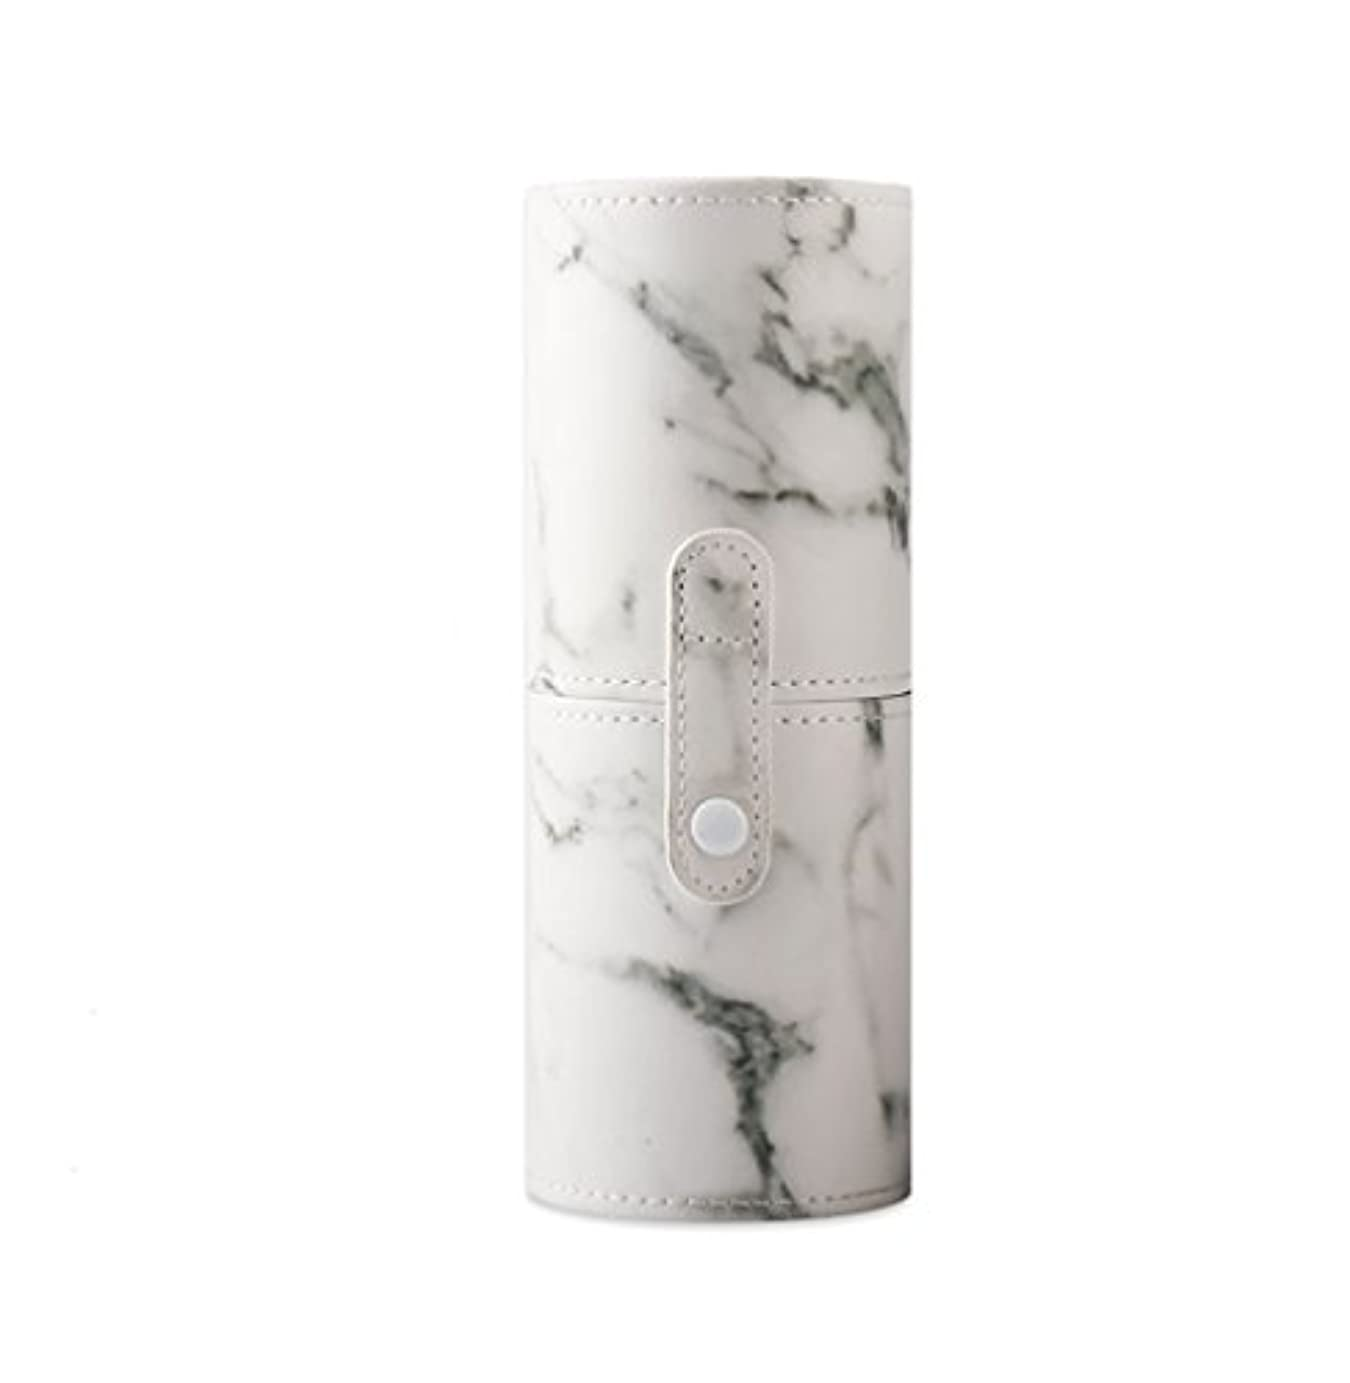 野望と組む訴えるKINGZUO メイクブラシホルダー 専用収納 コスメケース ボックス 文具ケース PUレザー 旅行 小物収納 携帯便利 化粧カップ  約12本収納